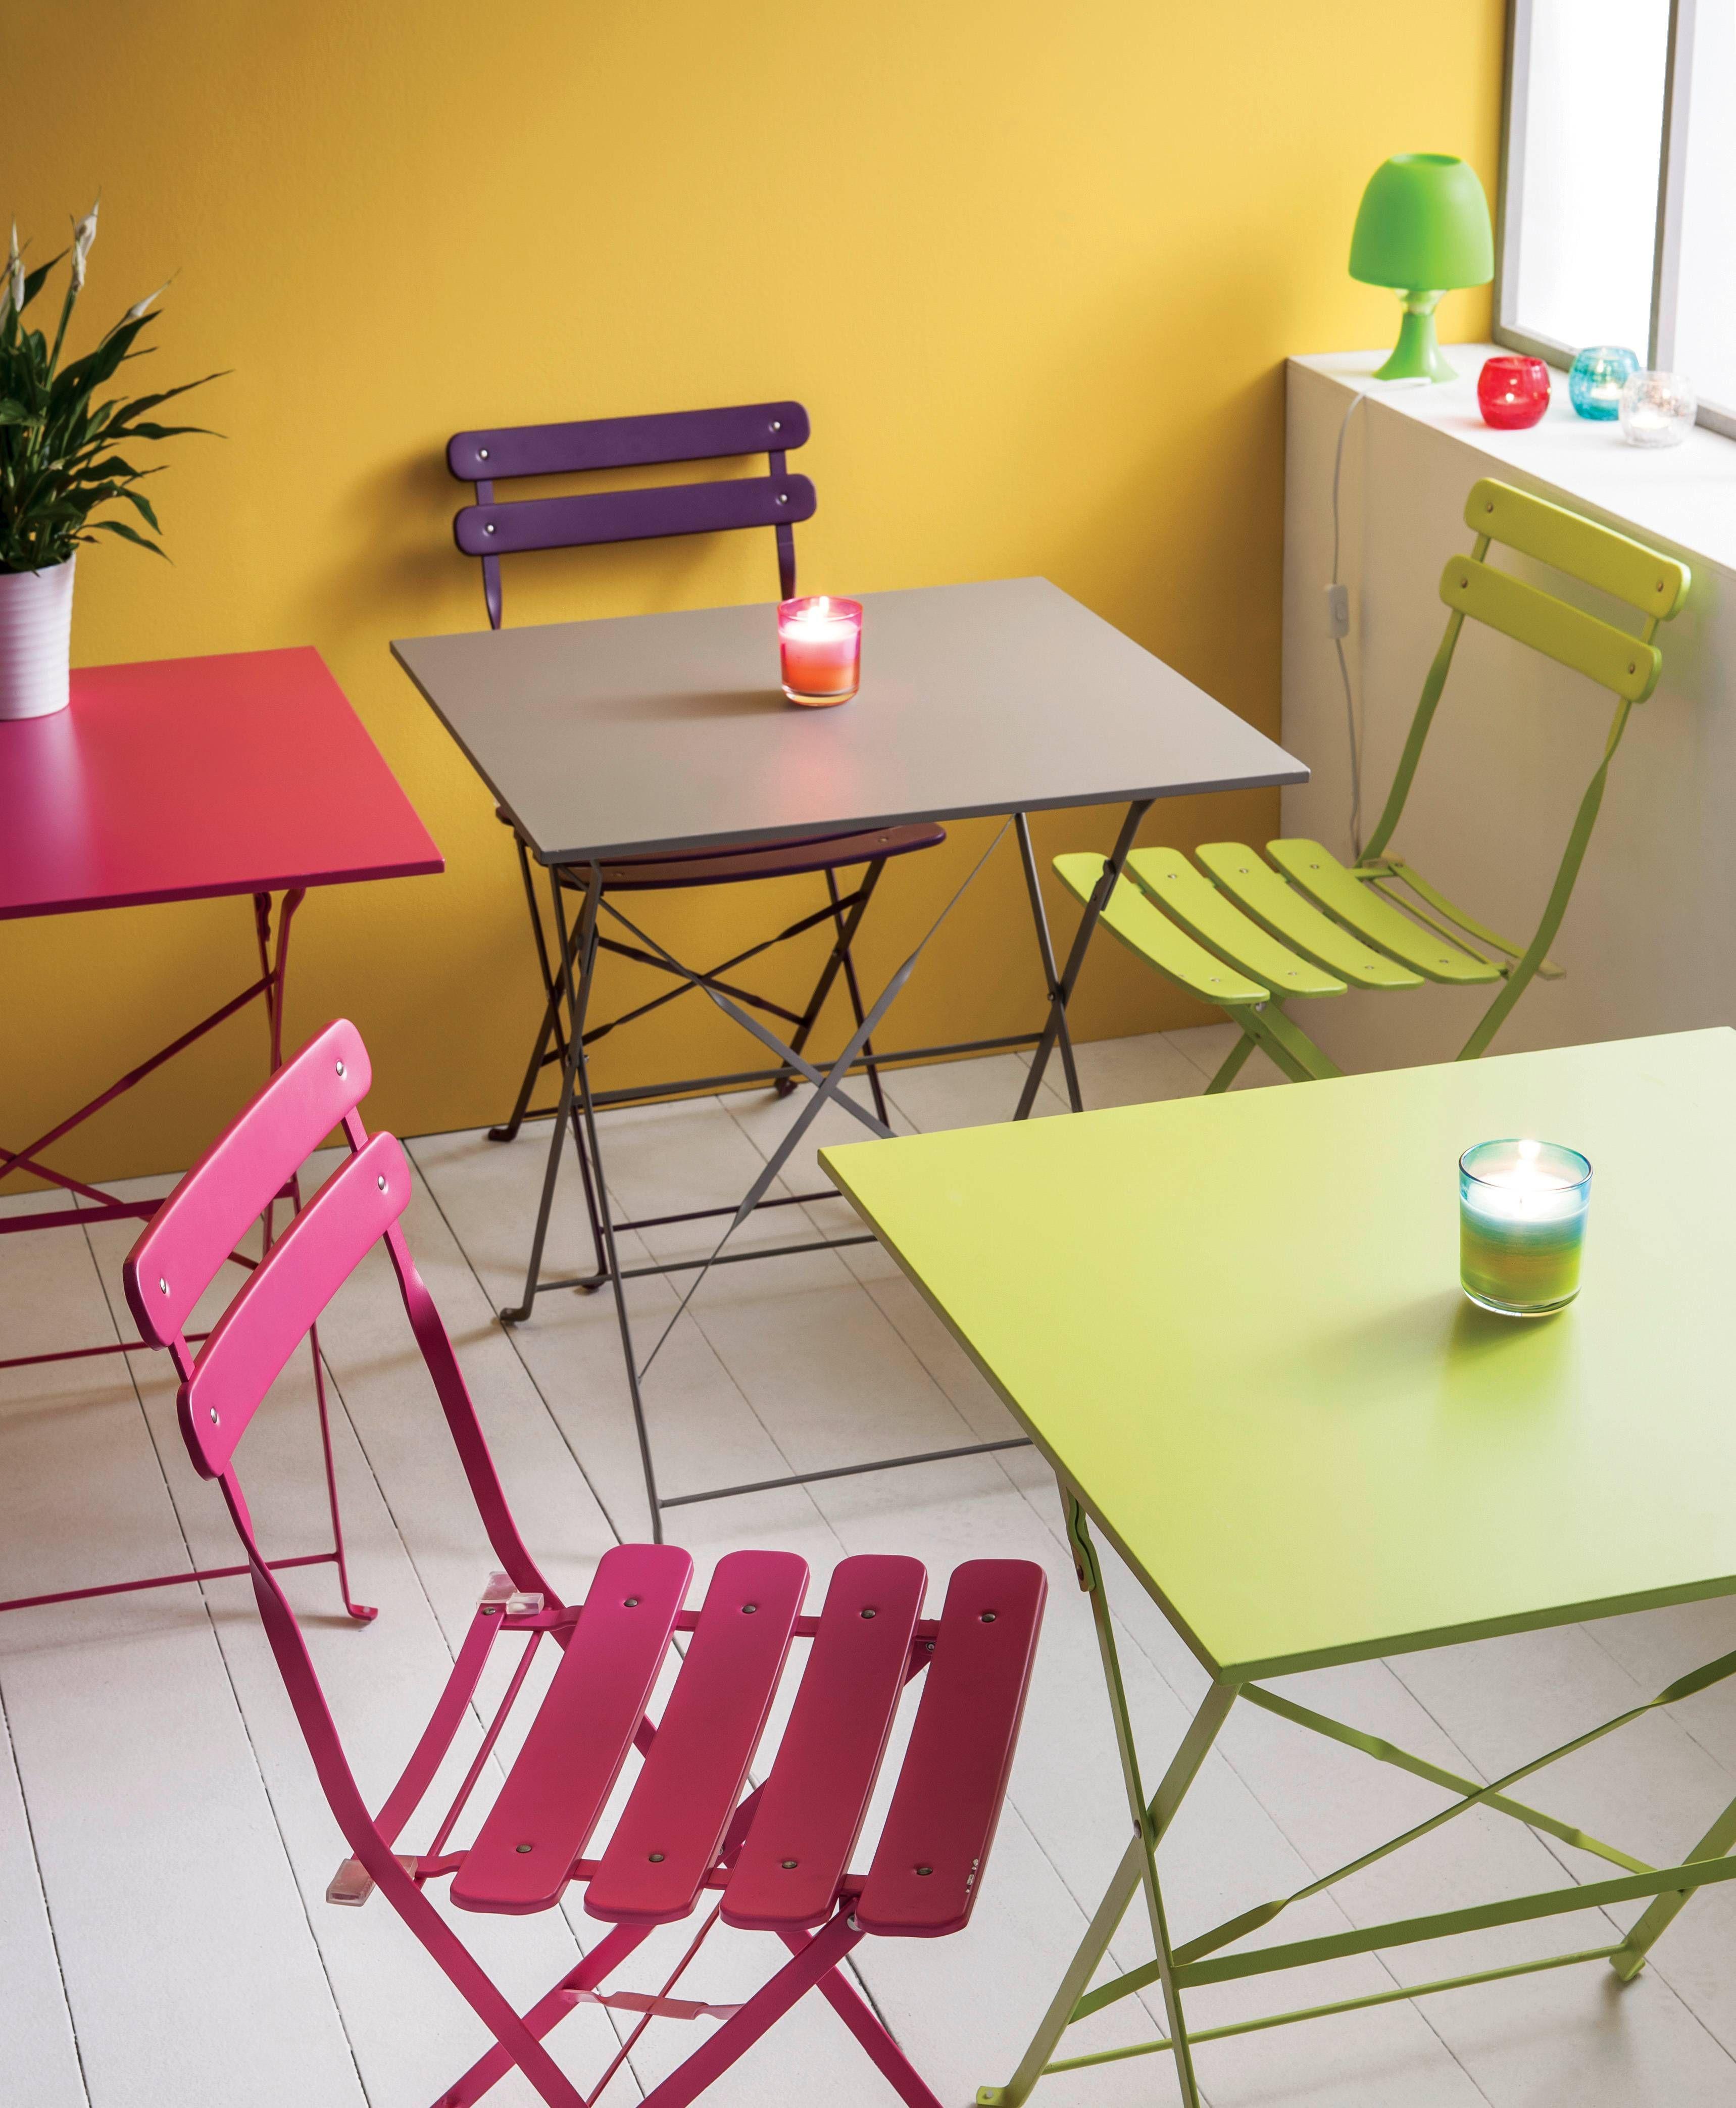 Carrefour tonnelle De Jardin Élégant Photographie Table Et Chaise De Jardin Carrefour Plus Parfait Table Pliante En